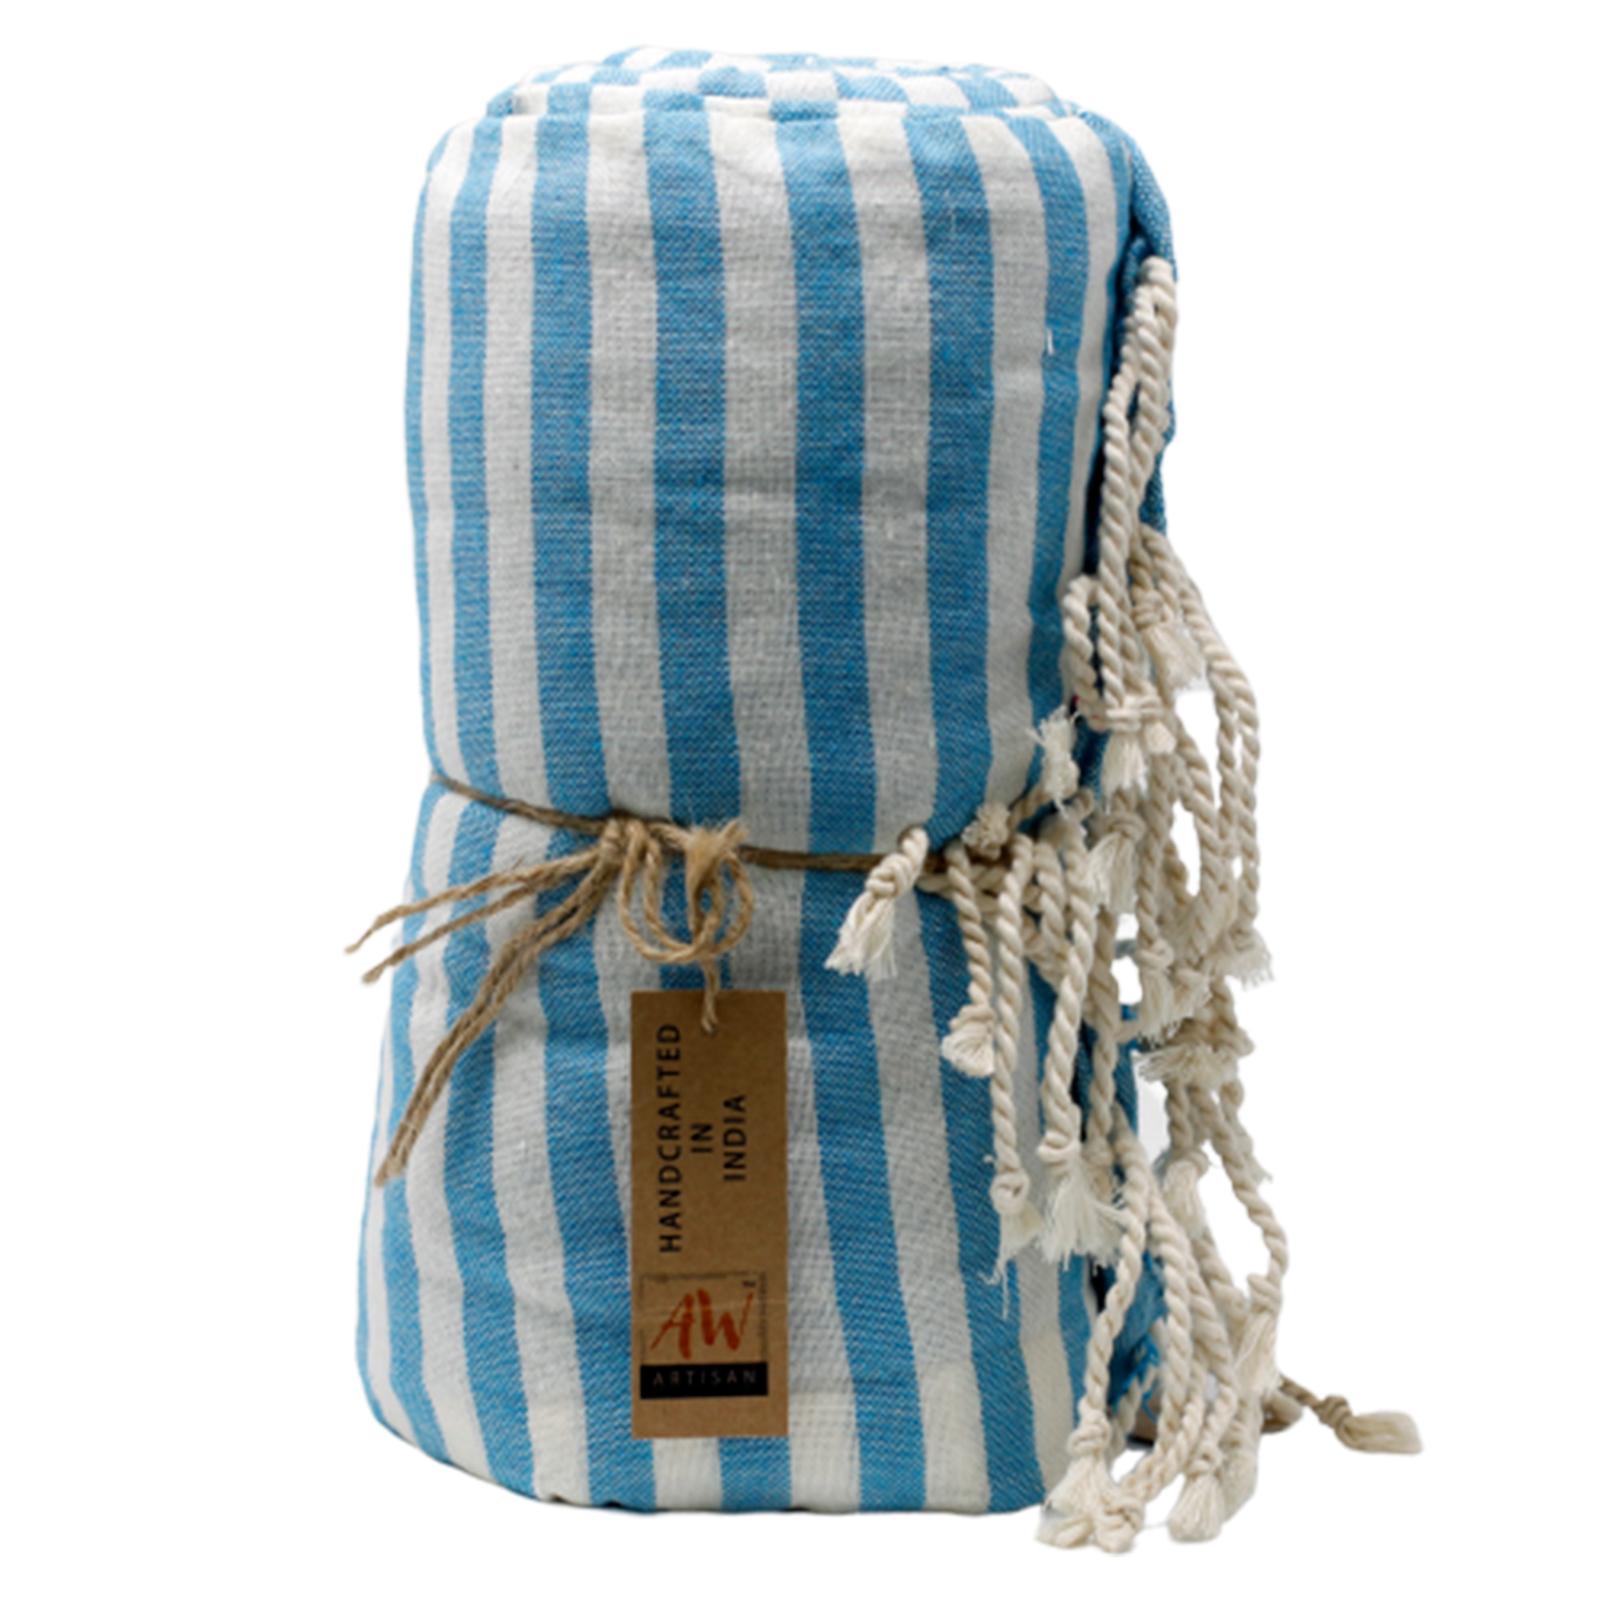 Bavlněný Plážový Ručník - 100x180cm - Modrý